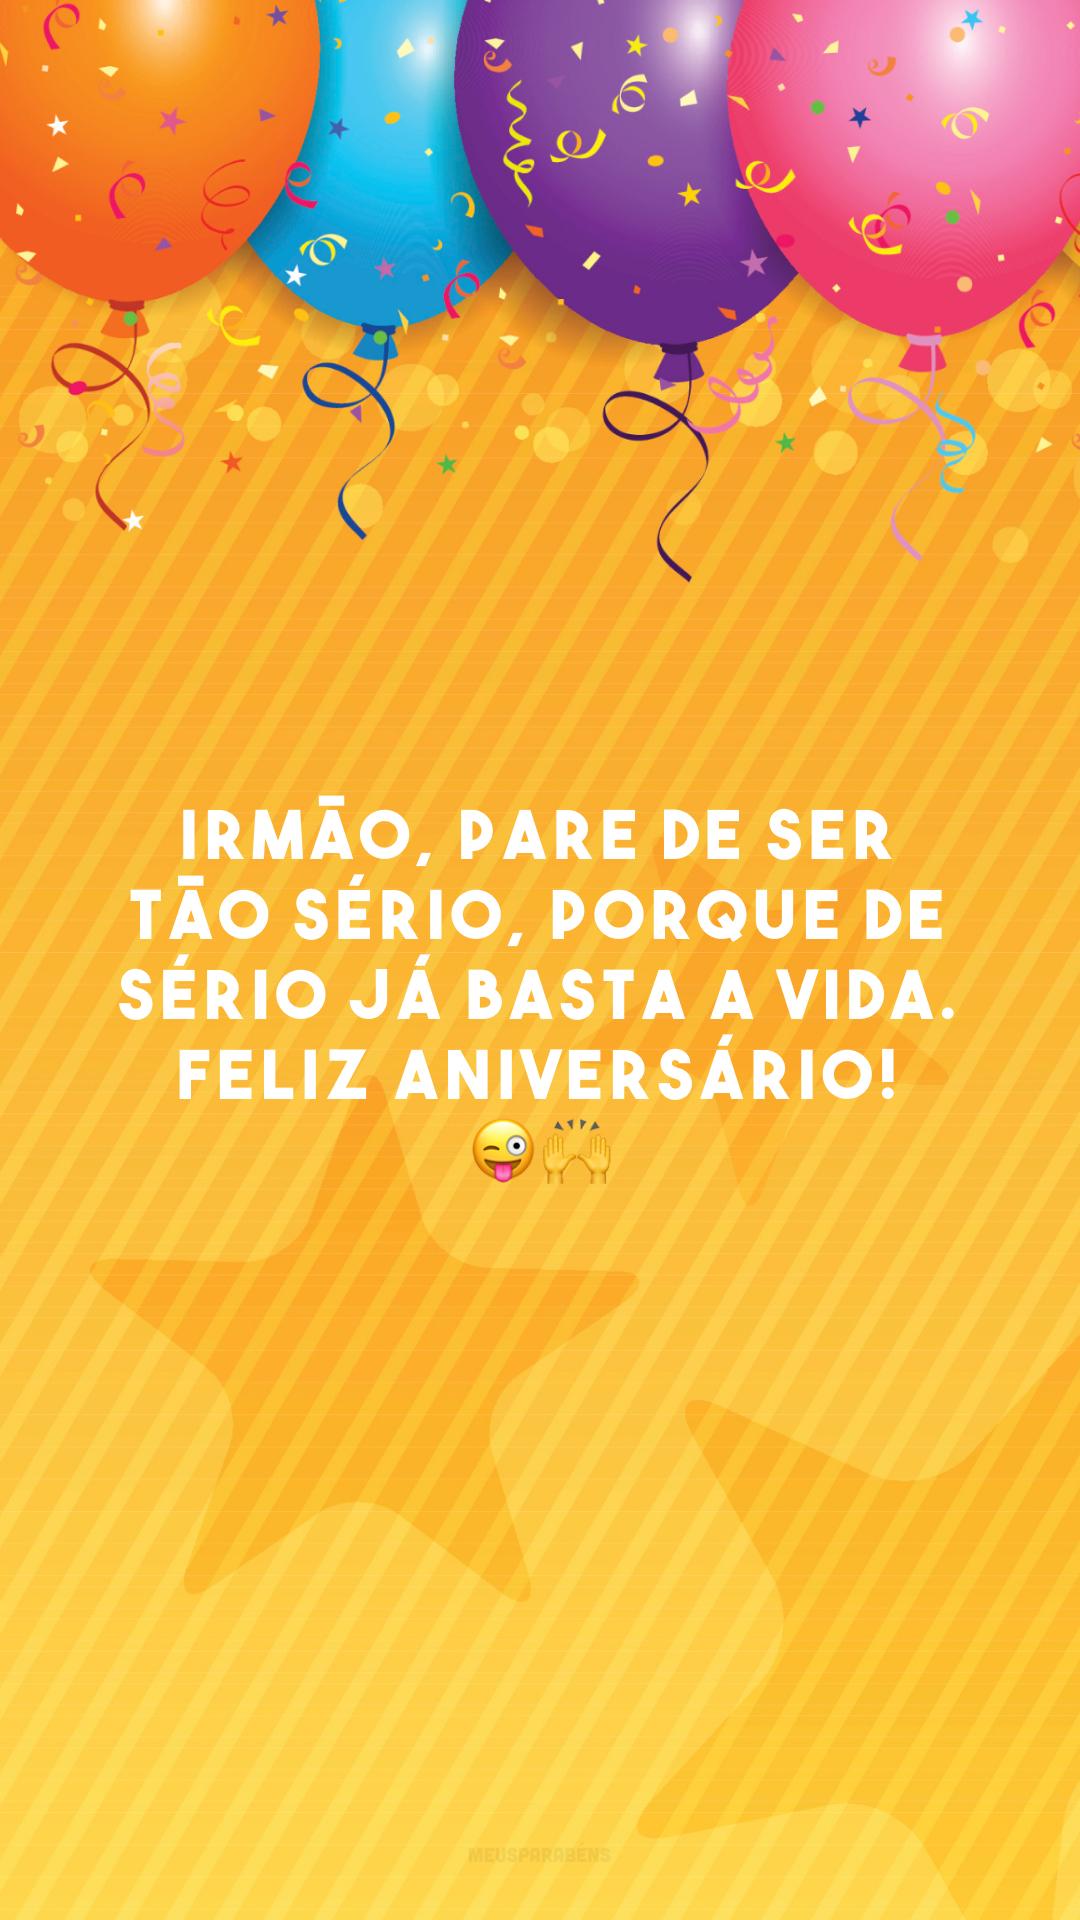 Irmão, pare de ser tão sério, porque de sério já basta a vida. Feliz aniversário! 😜🙌